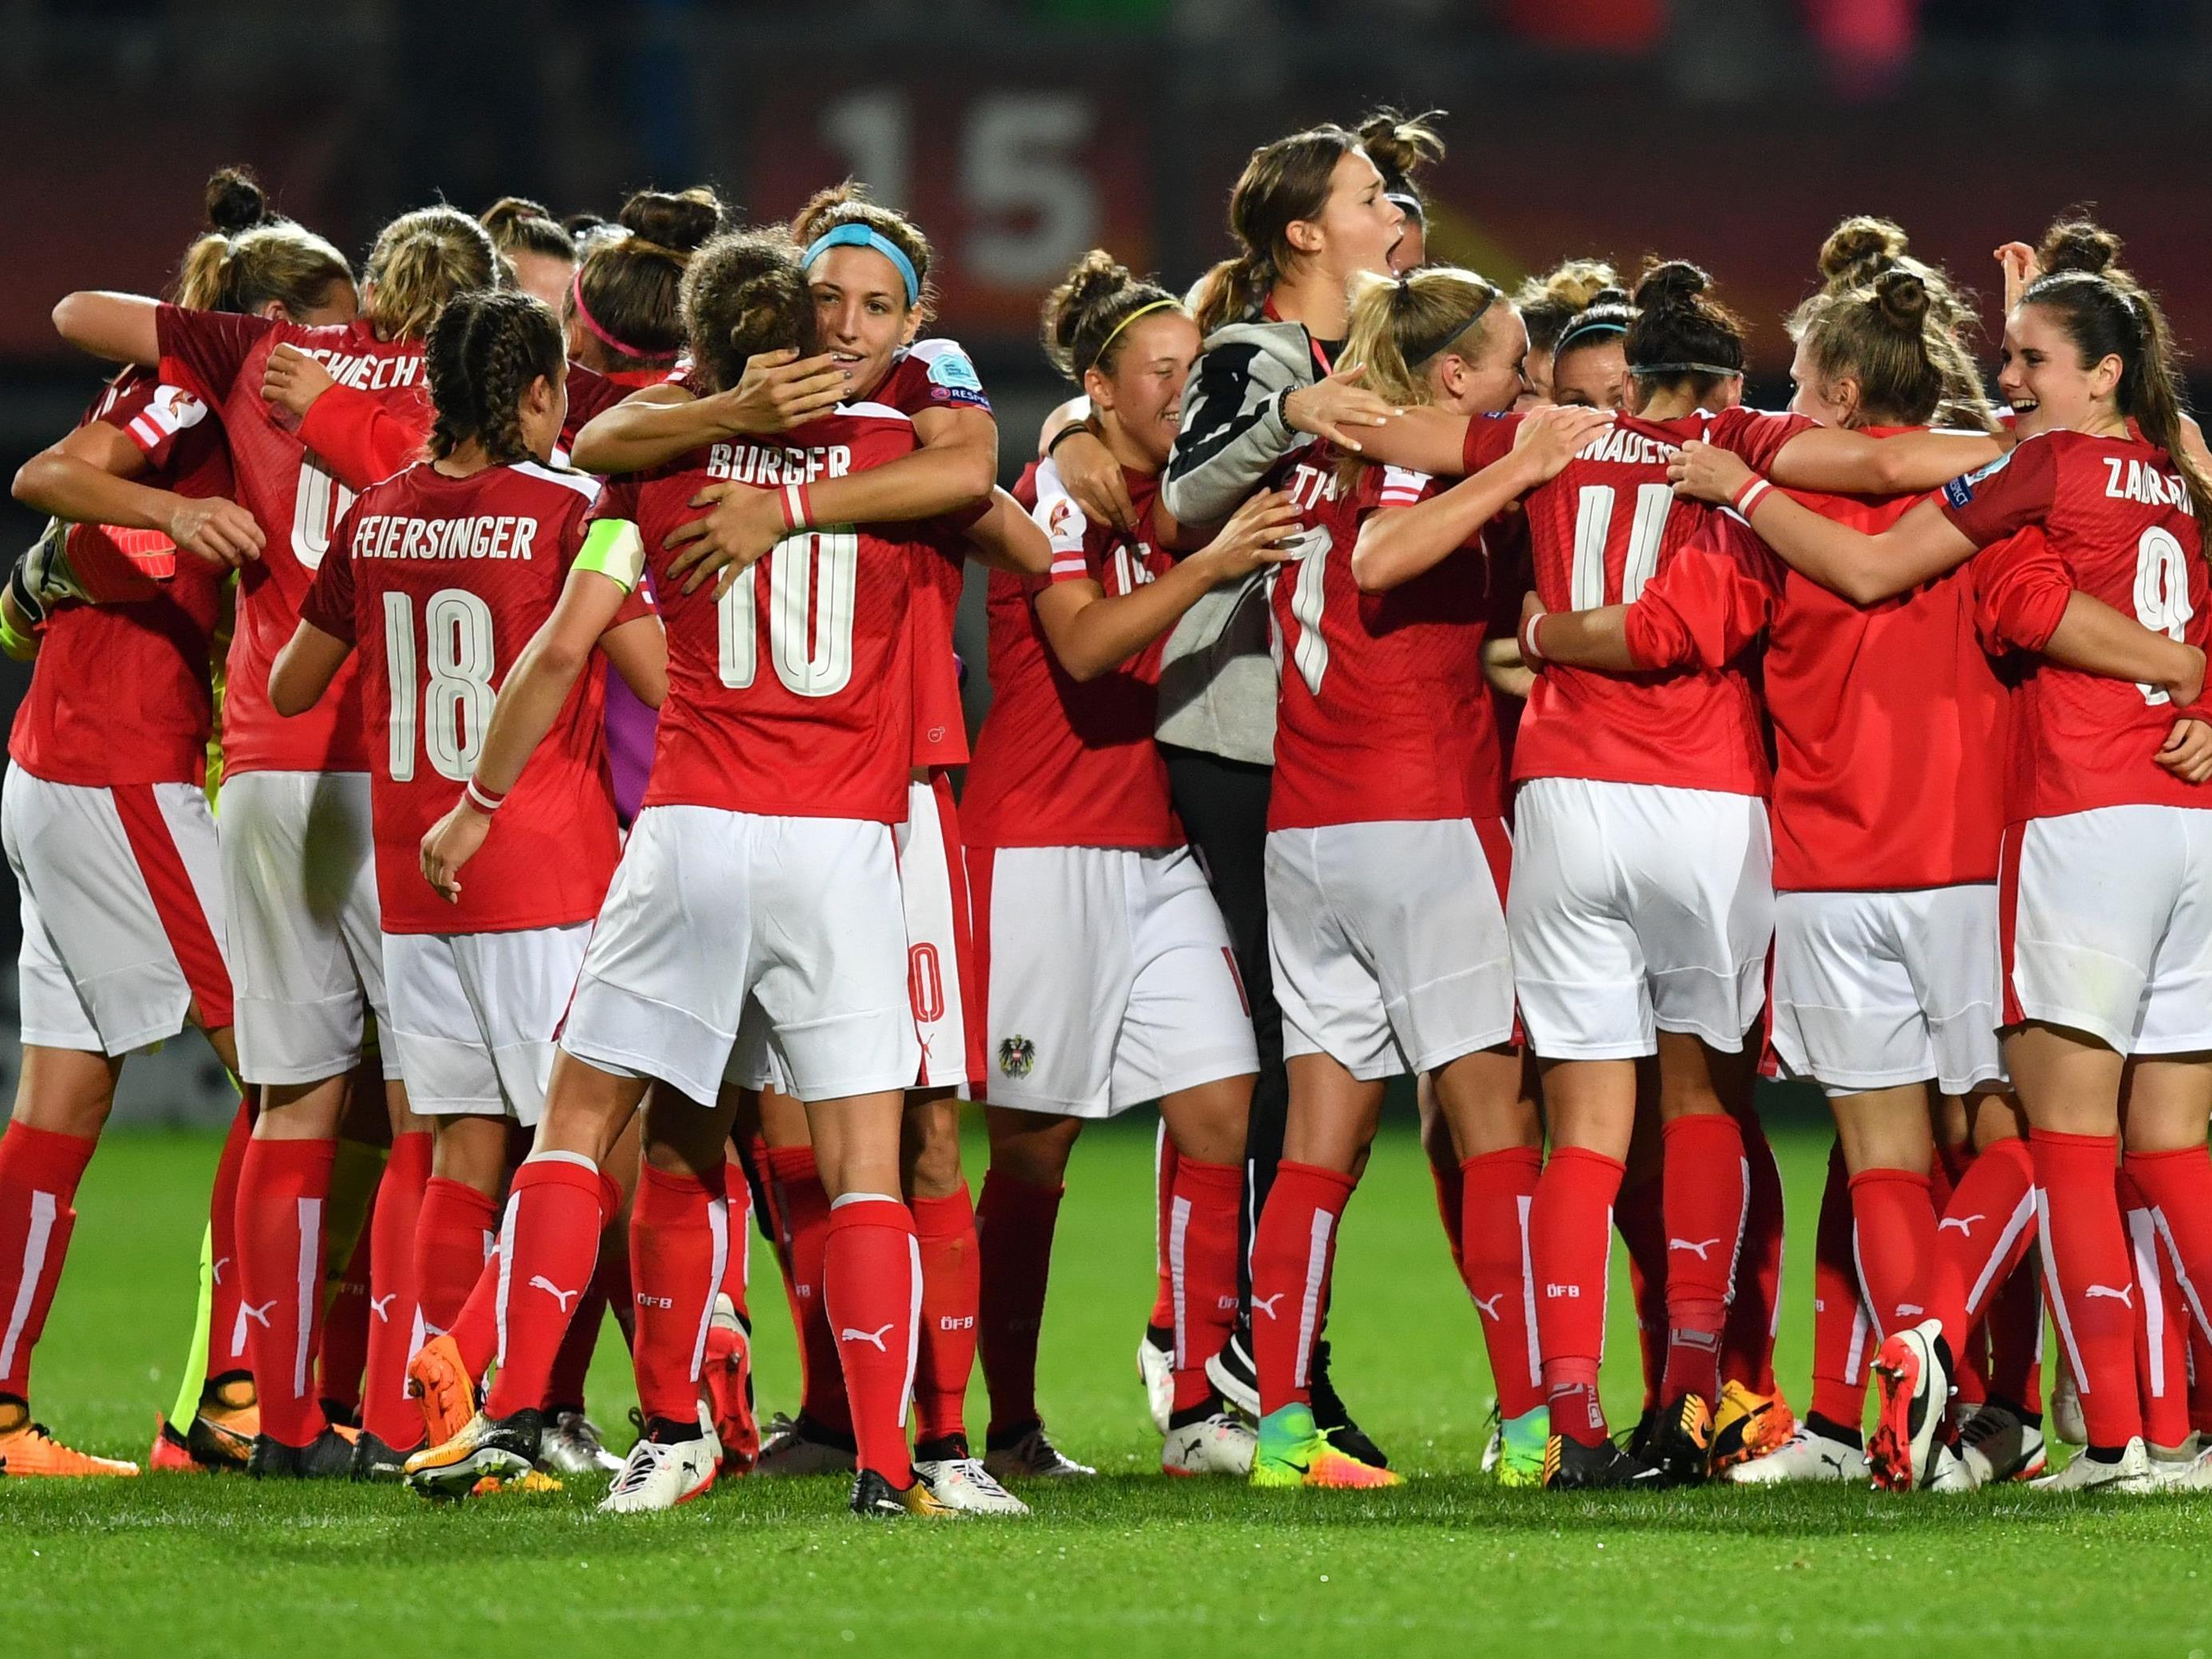 Grenzenloser Jubel bei den ÖFB-Frauen nach dem 3:0-Sieg gegen Island.